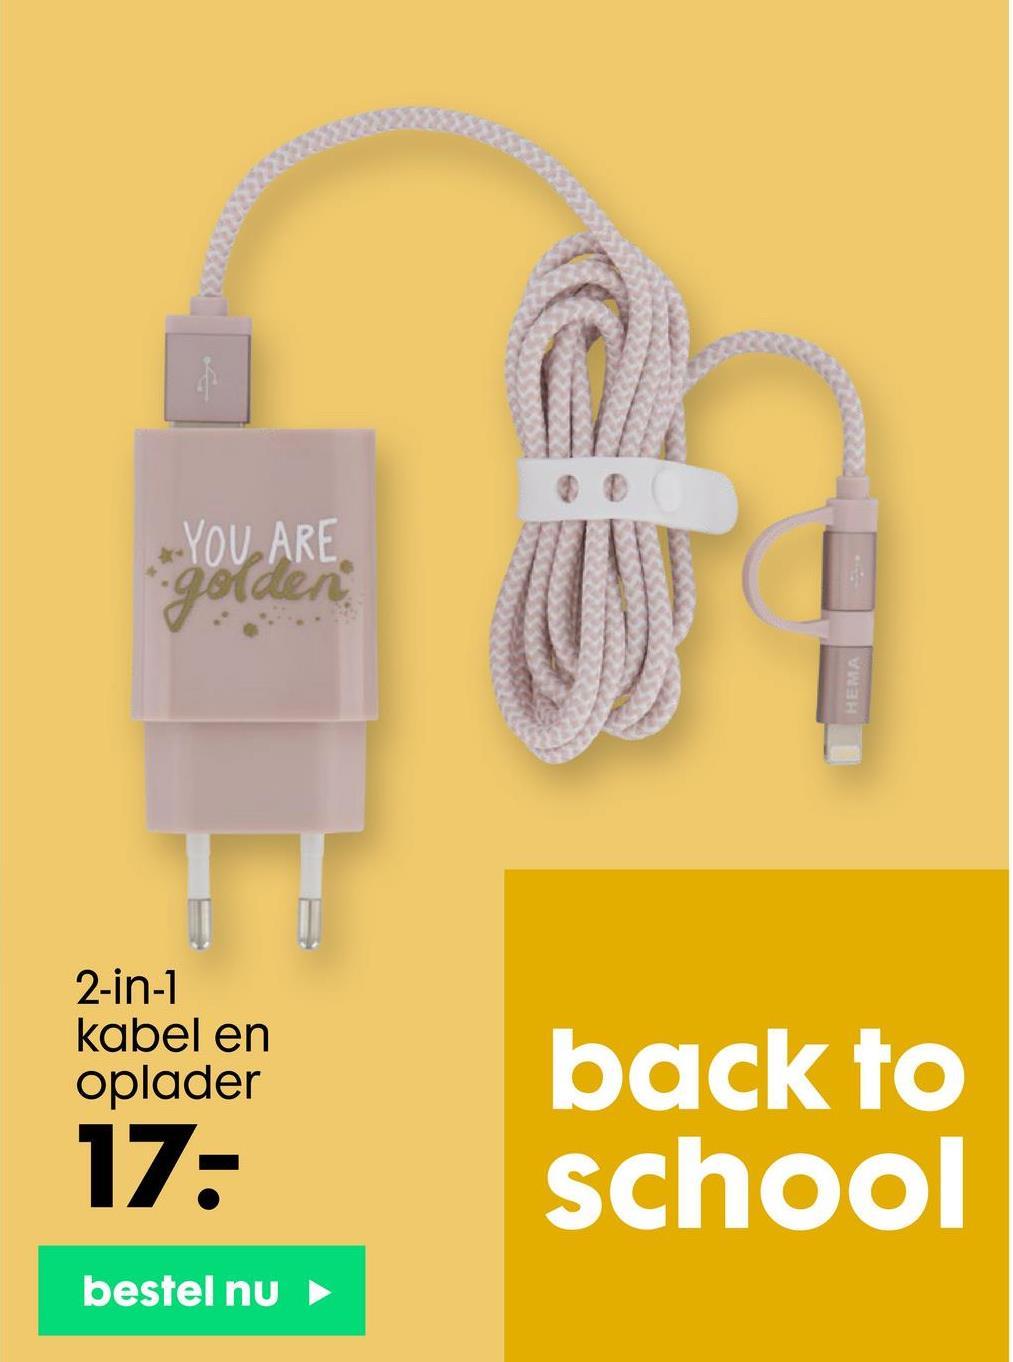 YOU ARE golden HEMA 2-in-1 kabel en oplader 17: back to school bestel nu